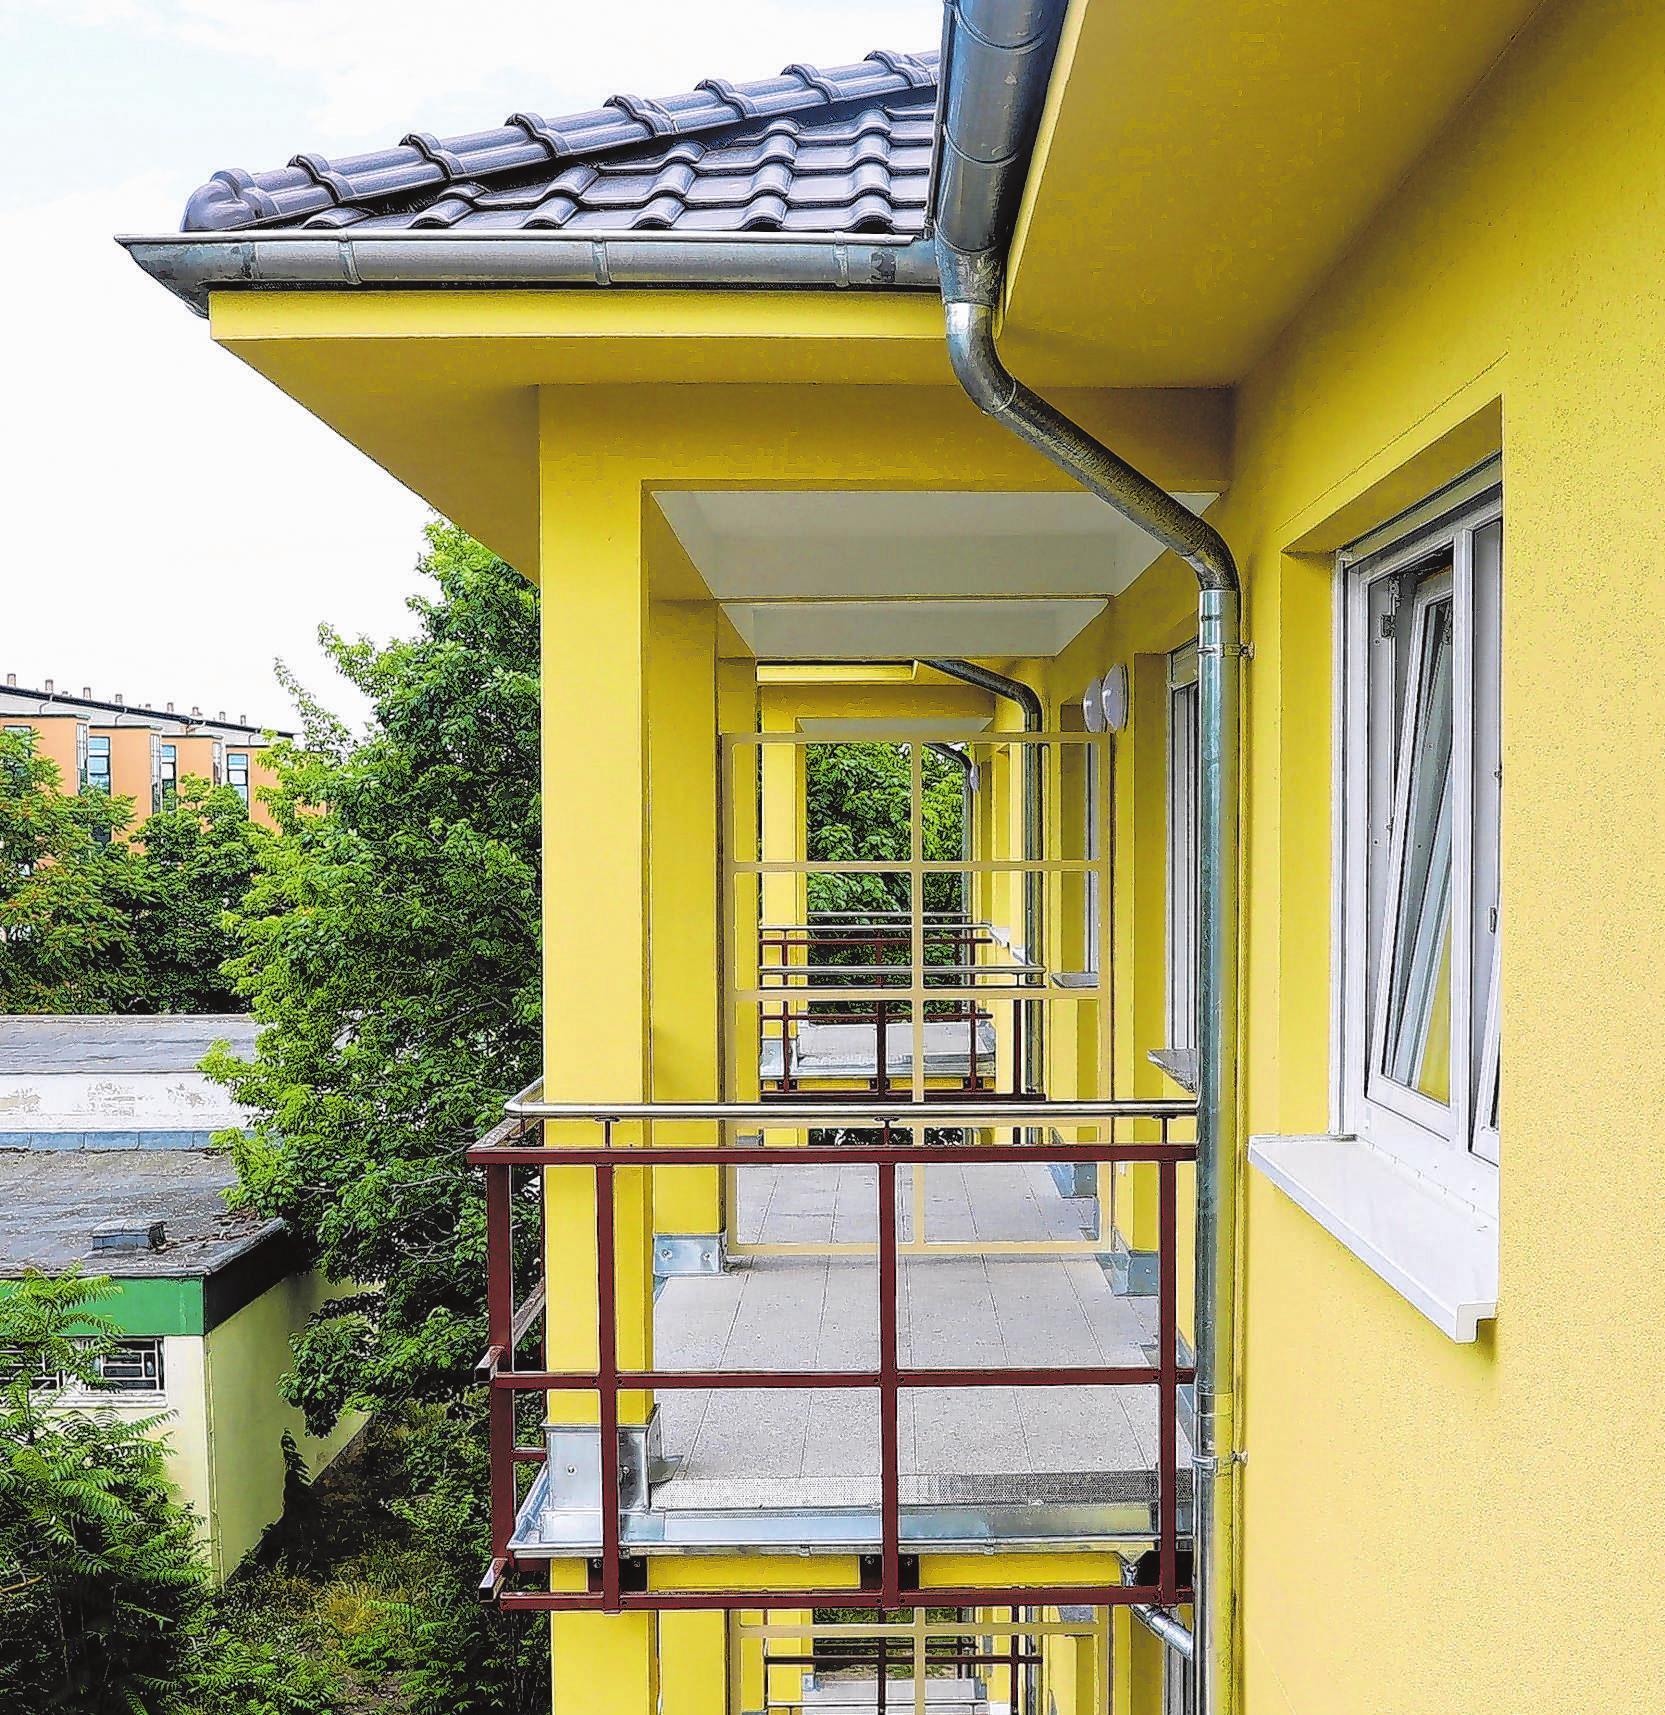 Jede der Zwei- und Dreiraumwohnungen im Neubau verfügt über einen Balkon. Foto: René Wernitz / Simone Weber